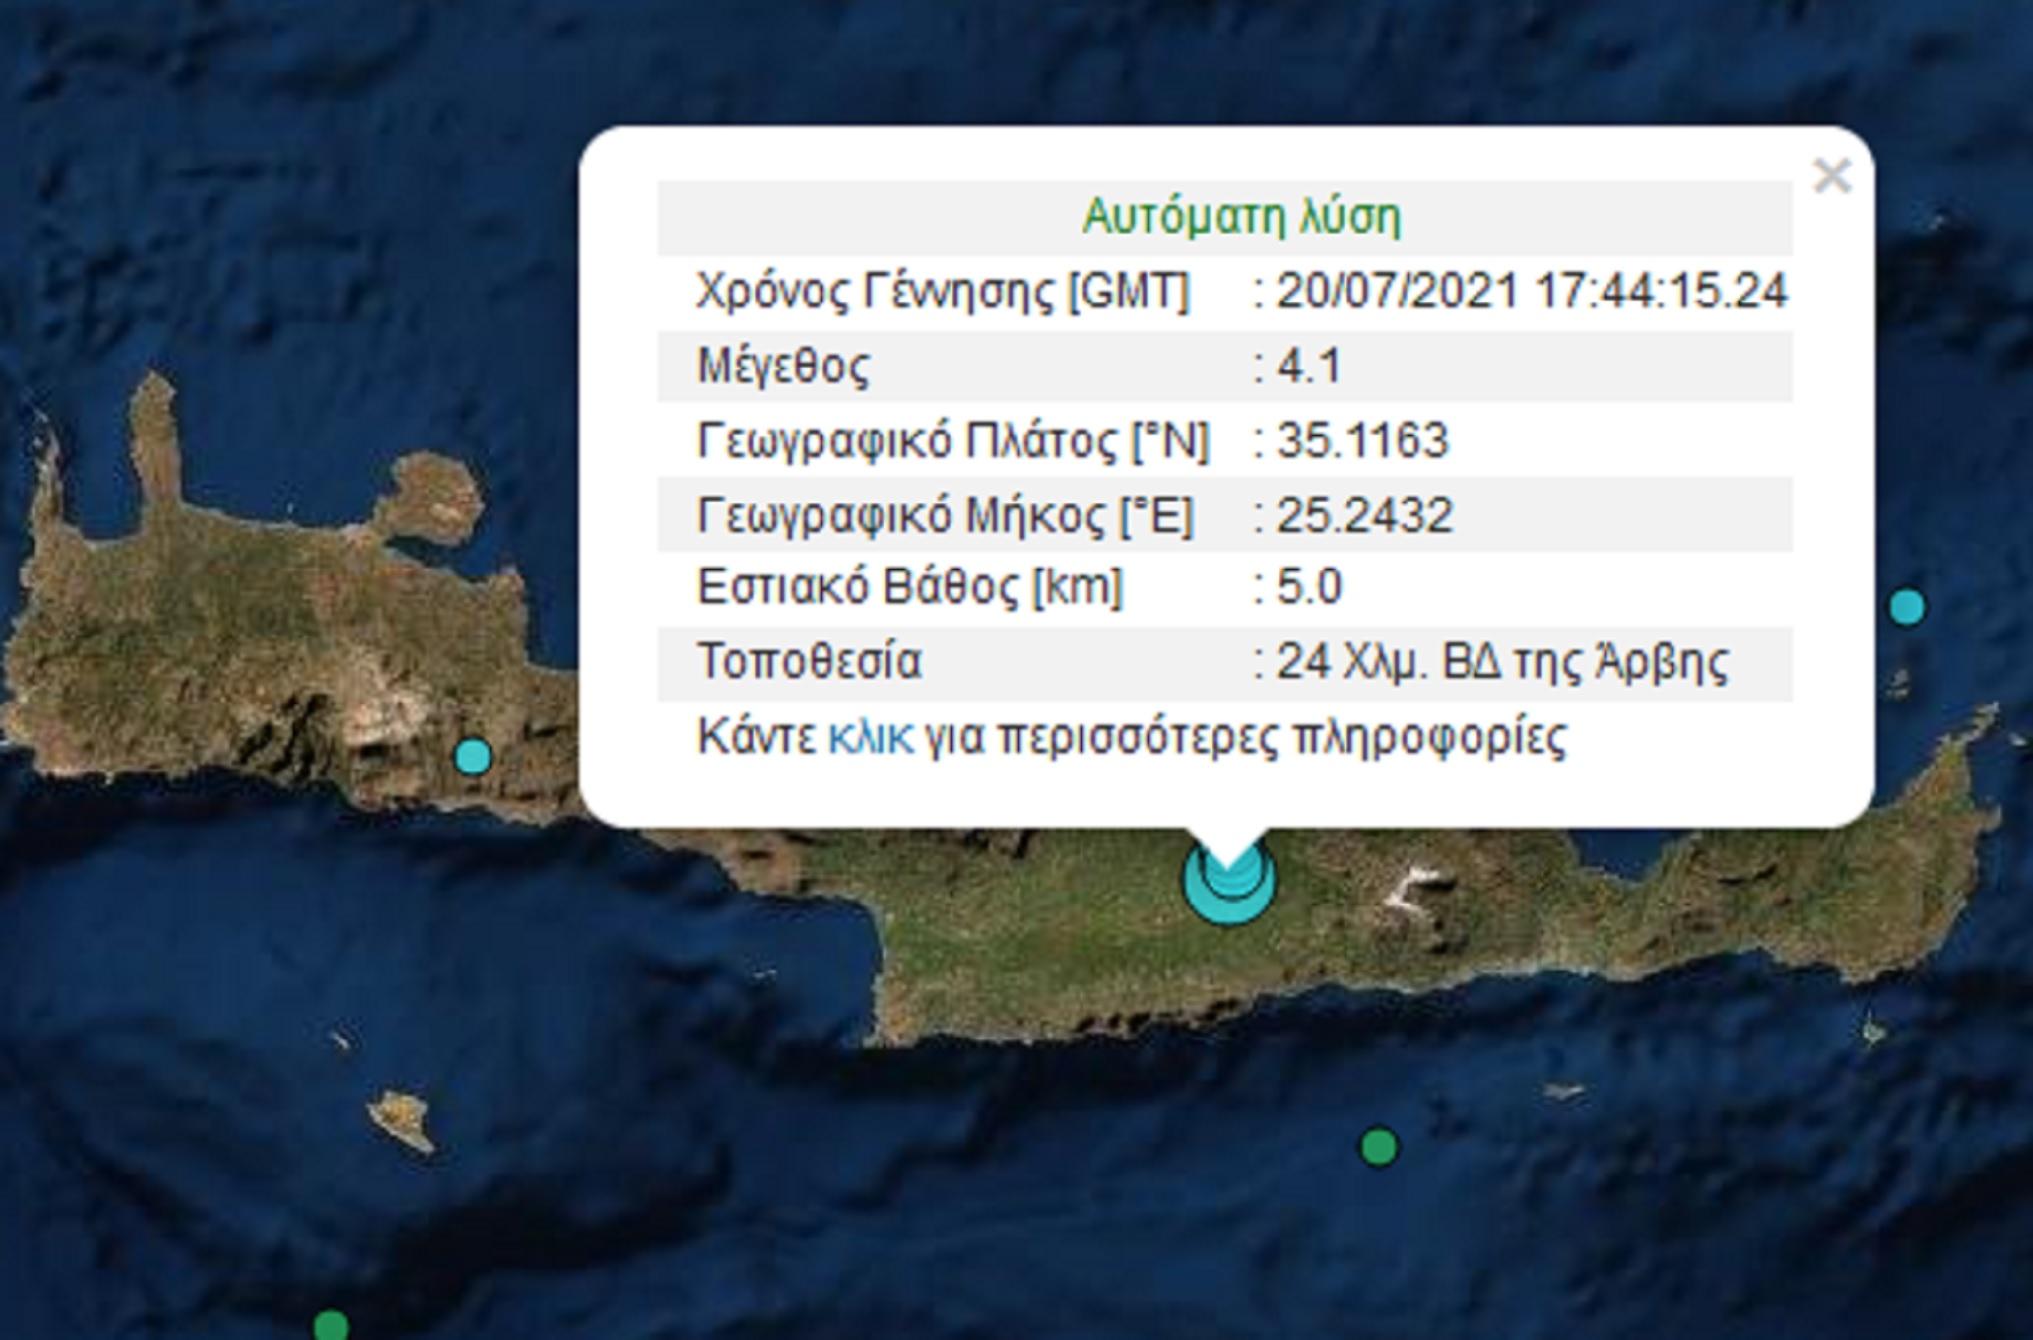 Σεισμός 4,1 Ρίχτερ στην Κρήτη – Ταρακουνήθηκε το Ηράκλειο